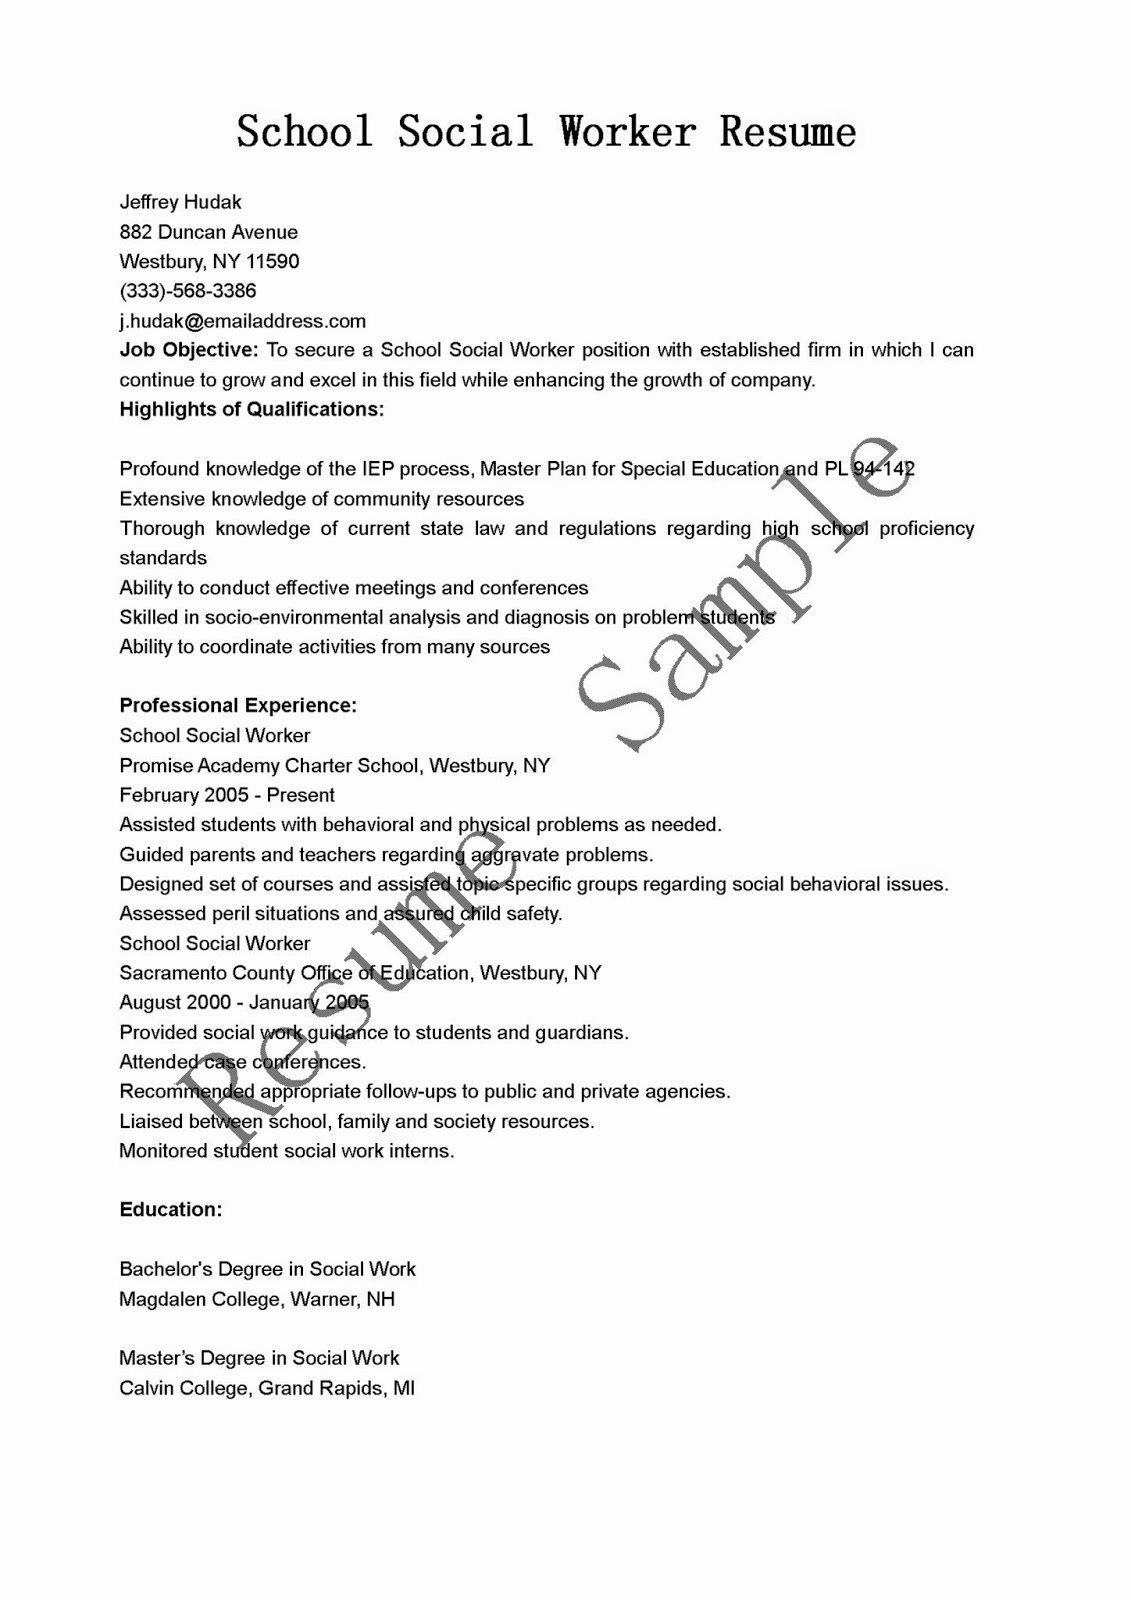 Resume Samples School social Worker Resume Sample